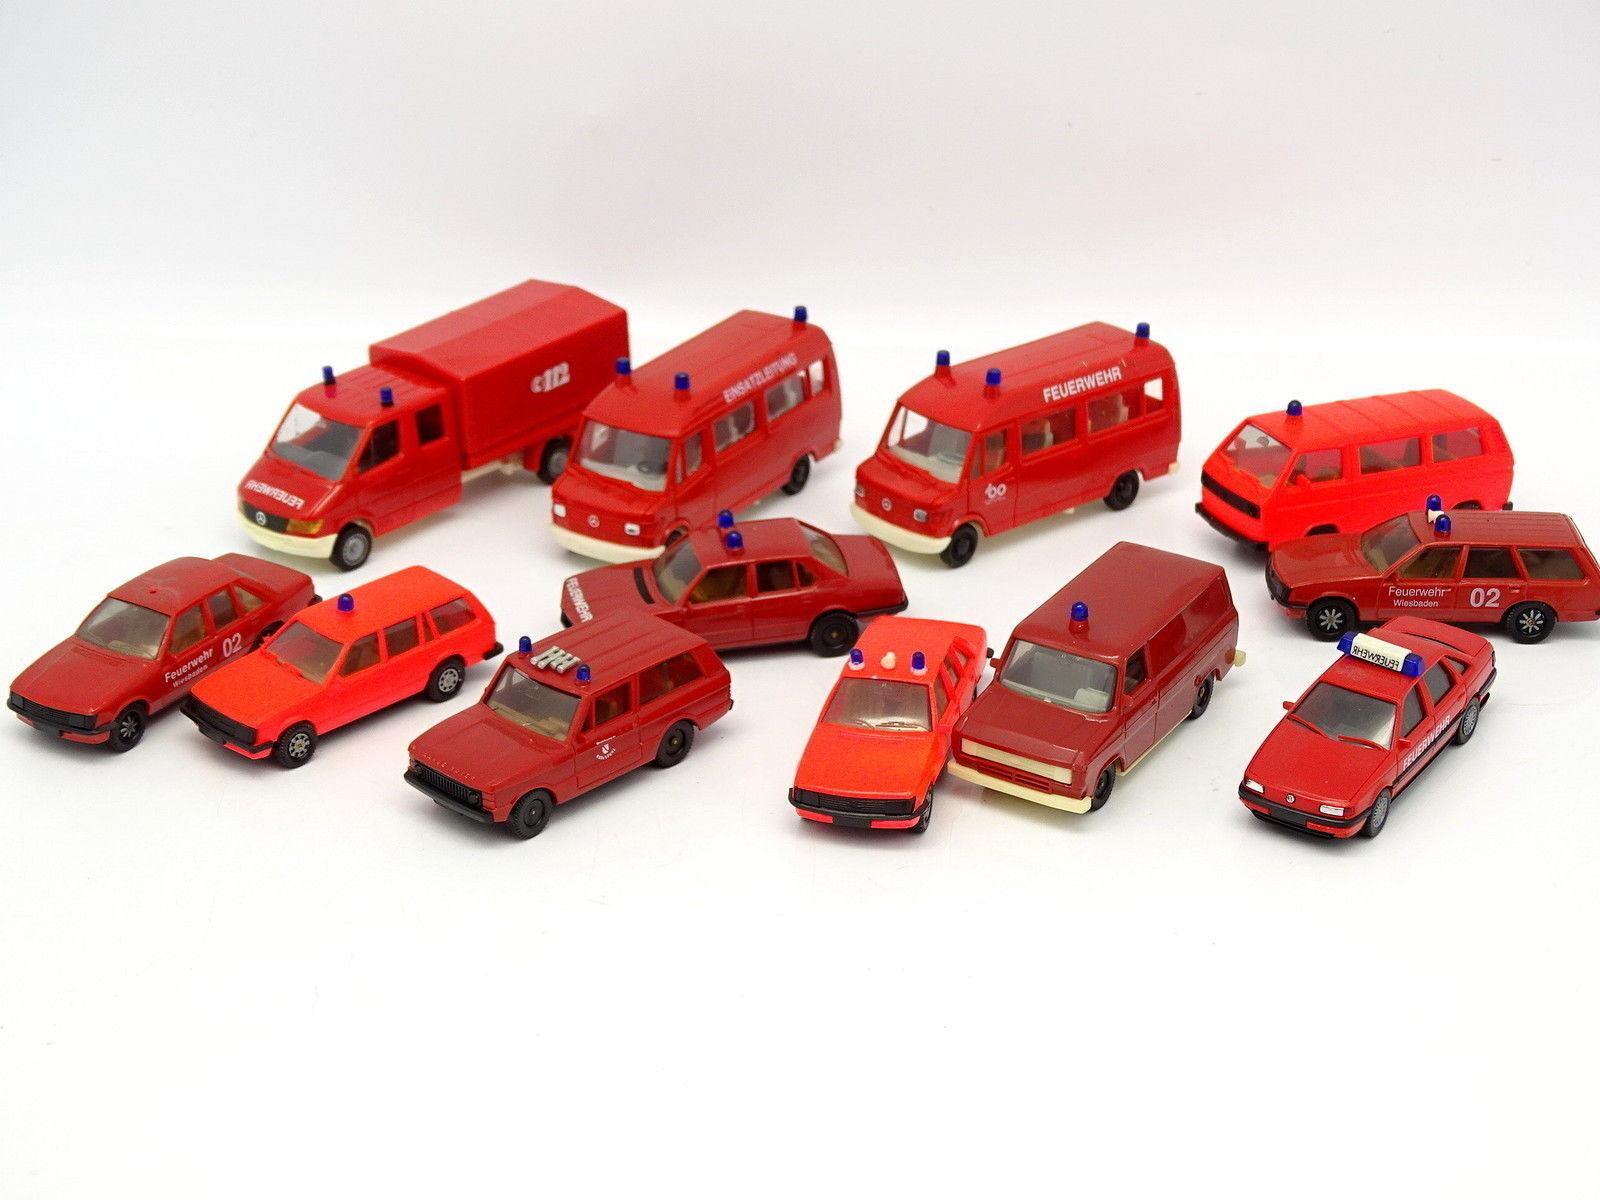 Herpa 1 87 HO - Lote de 12 vehículos Bomberos Feuerwehr   Mercedes - VW - Opel